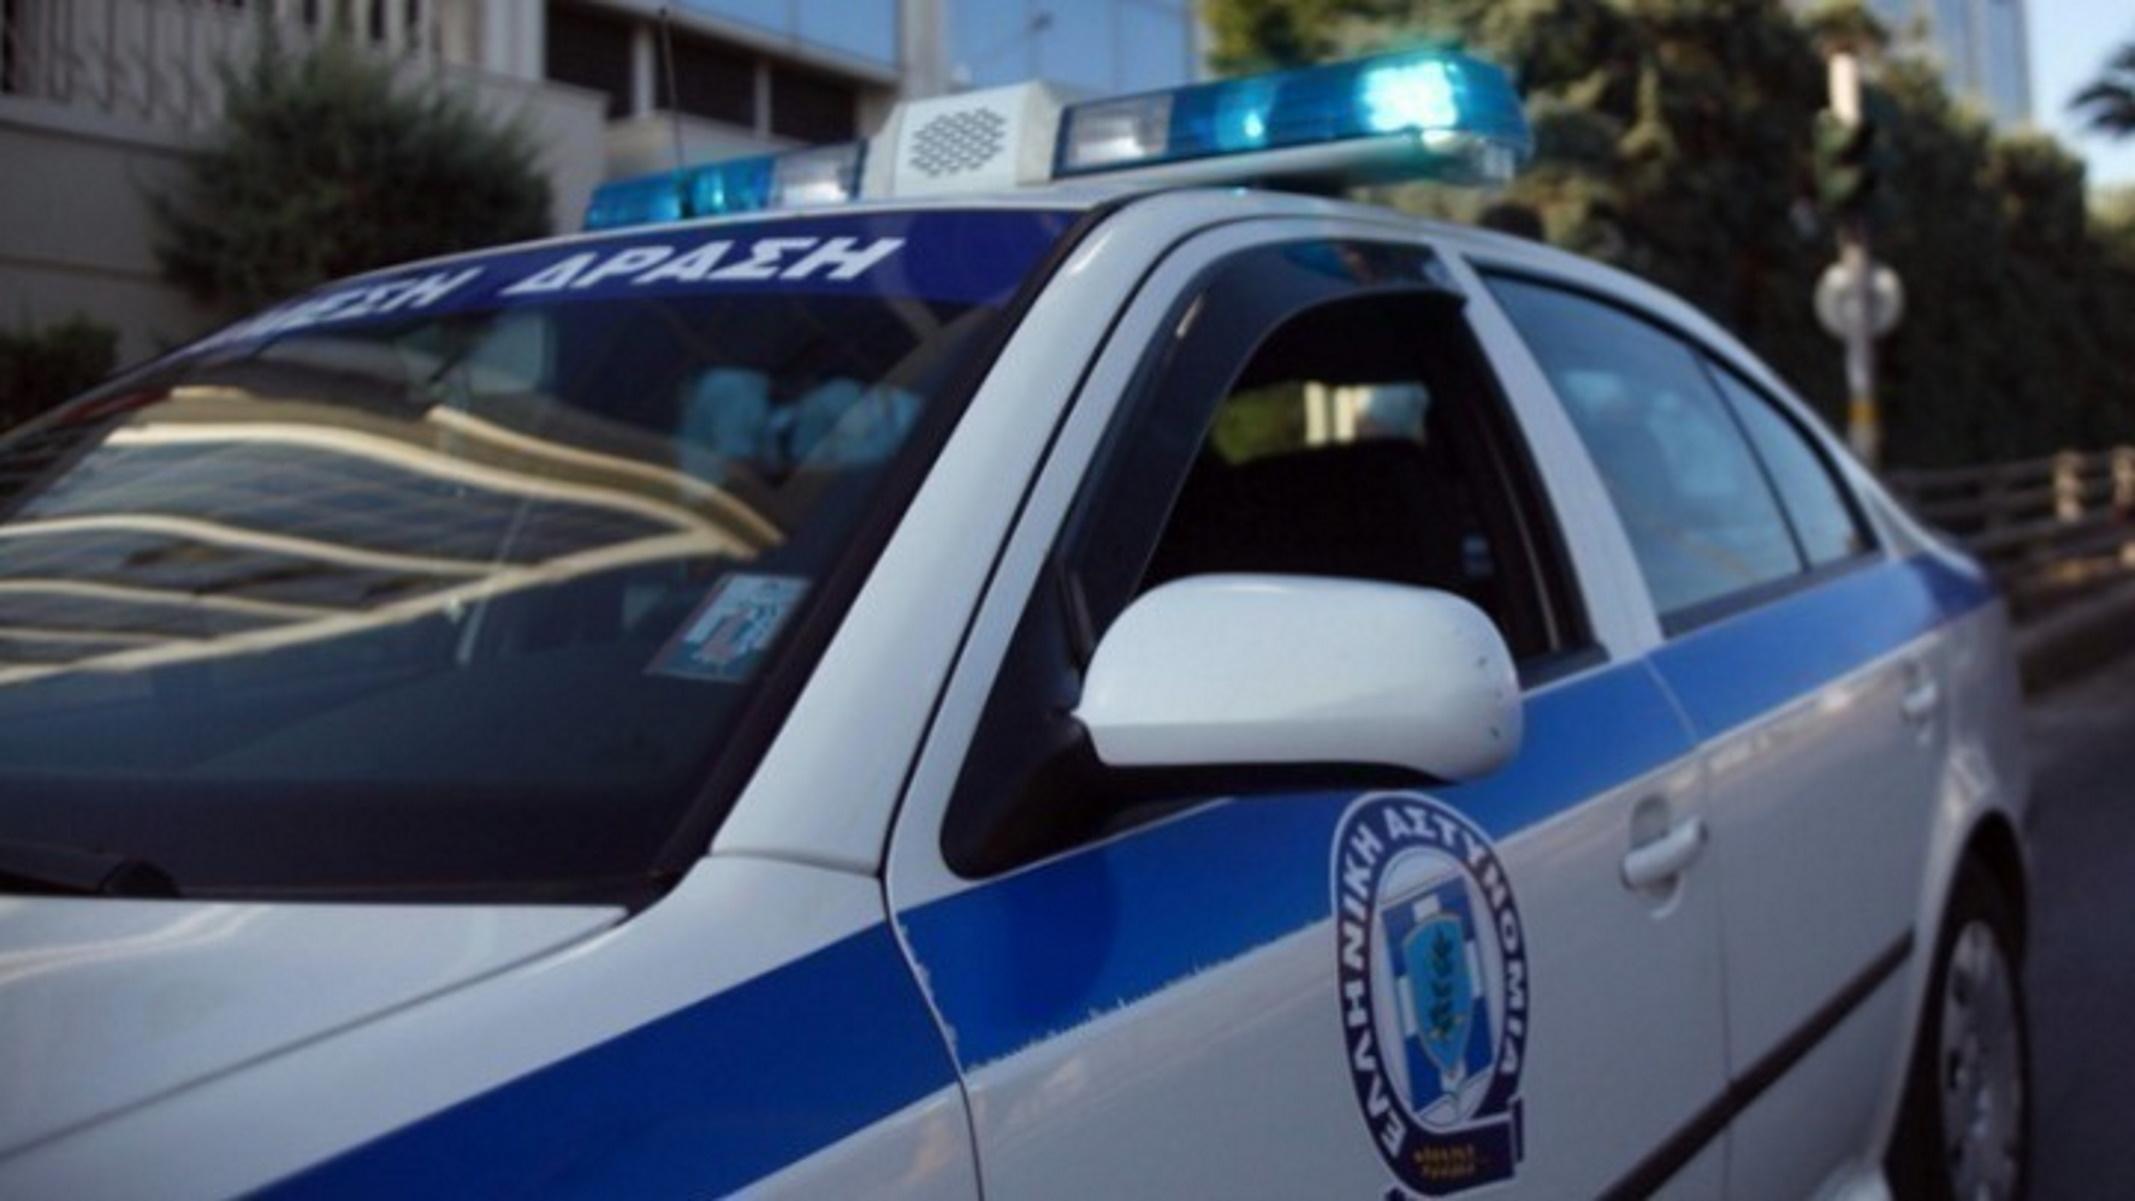 Λαμία: Χαμός σε γειτονιά με τον ιδιοκτήτη αυτοκινήτου να κάνει τσακωτό τον επίδοξο διαρρήκτη